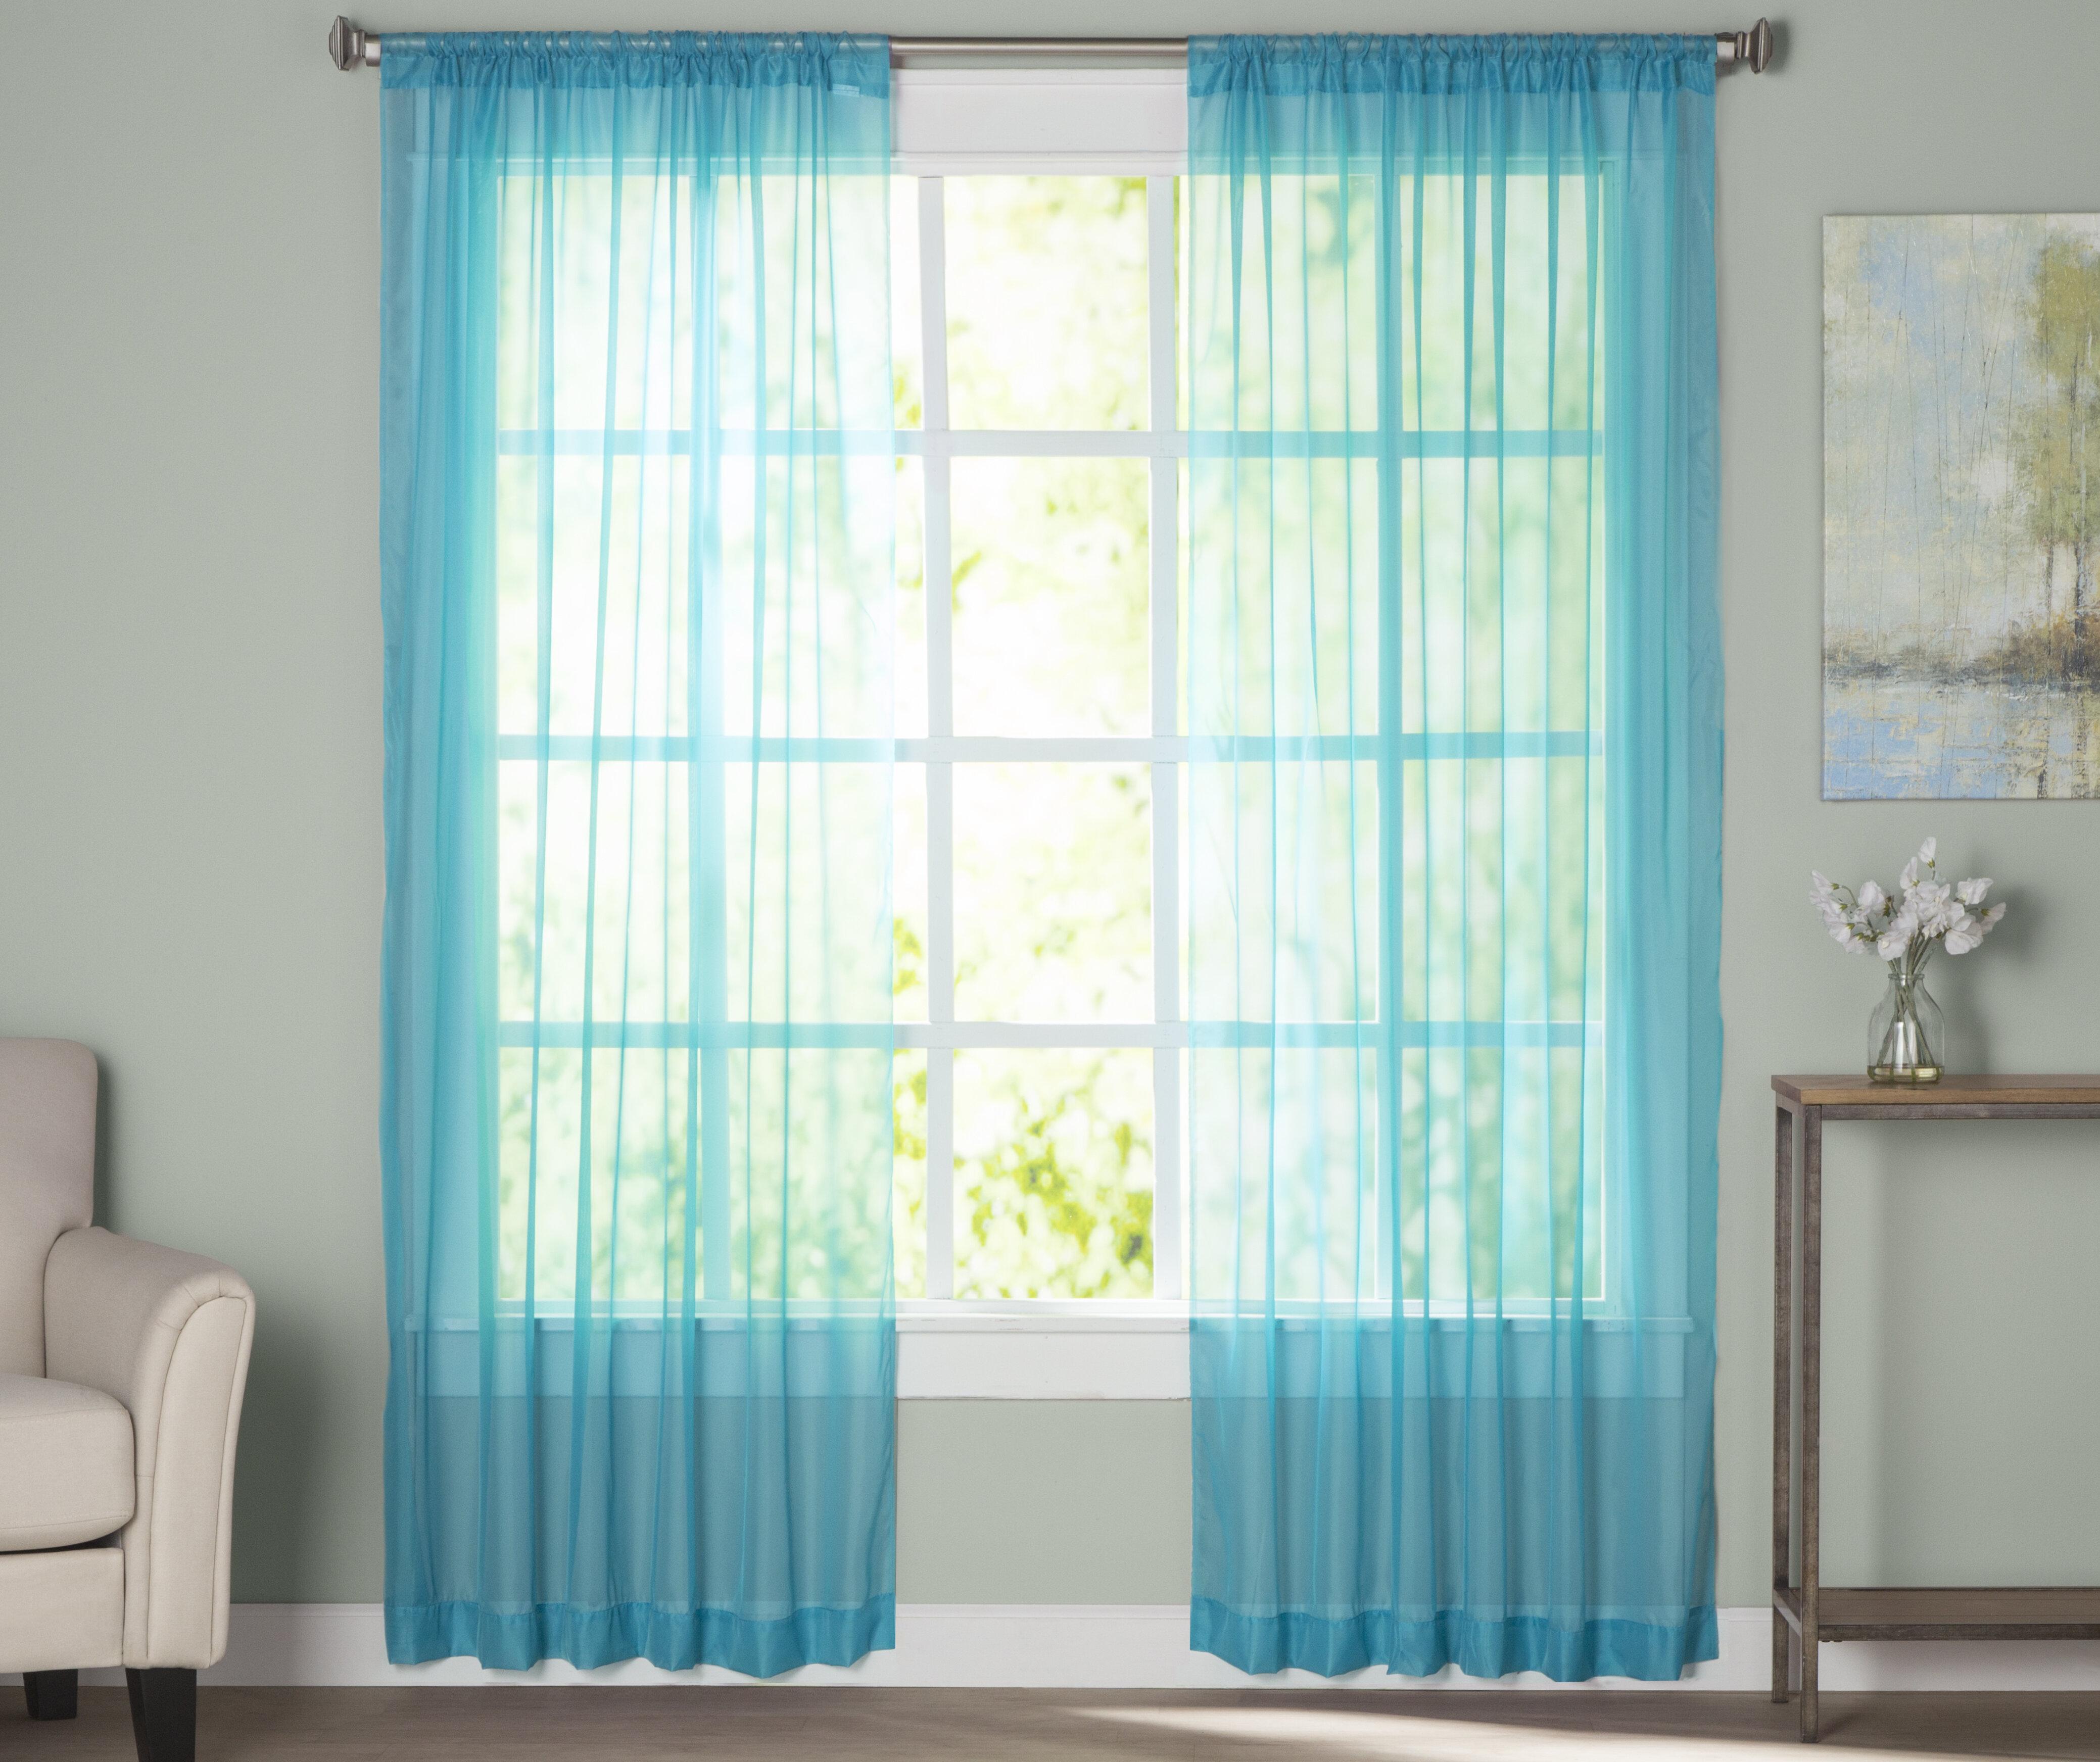 Aqua Curtains Drapes You Ll Love In 2020 Wayfair